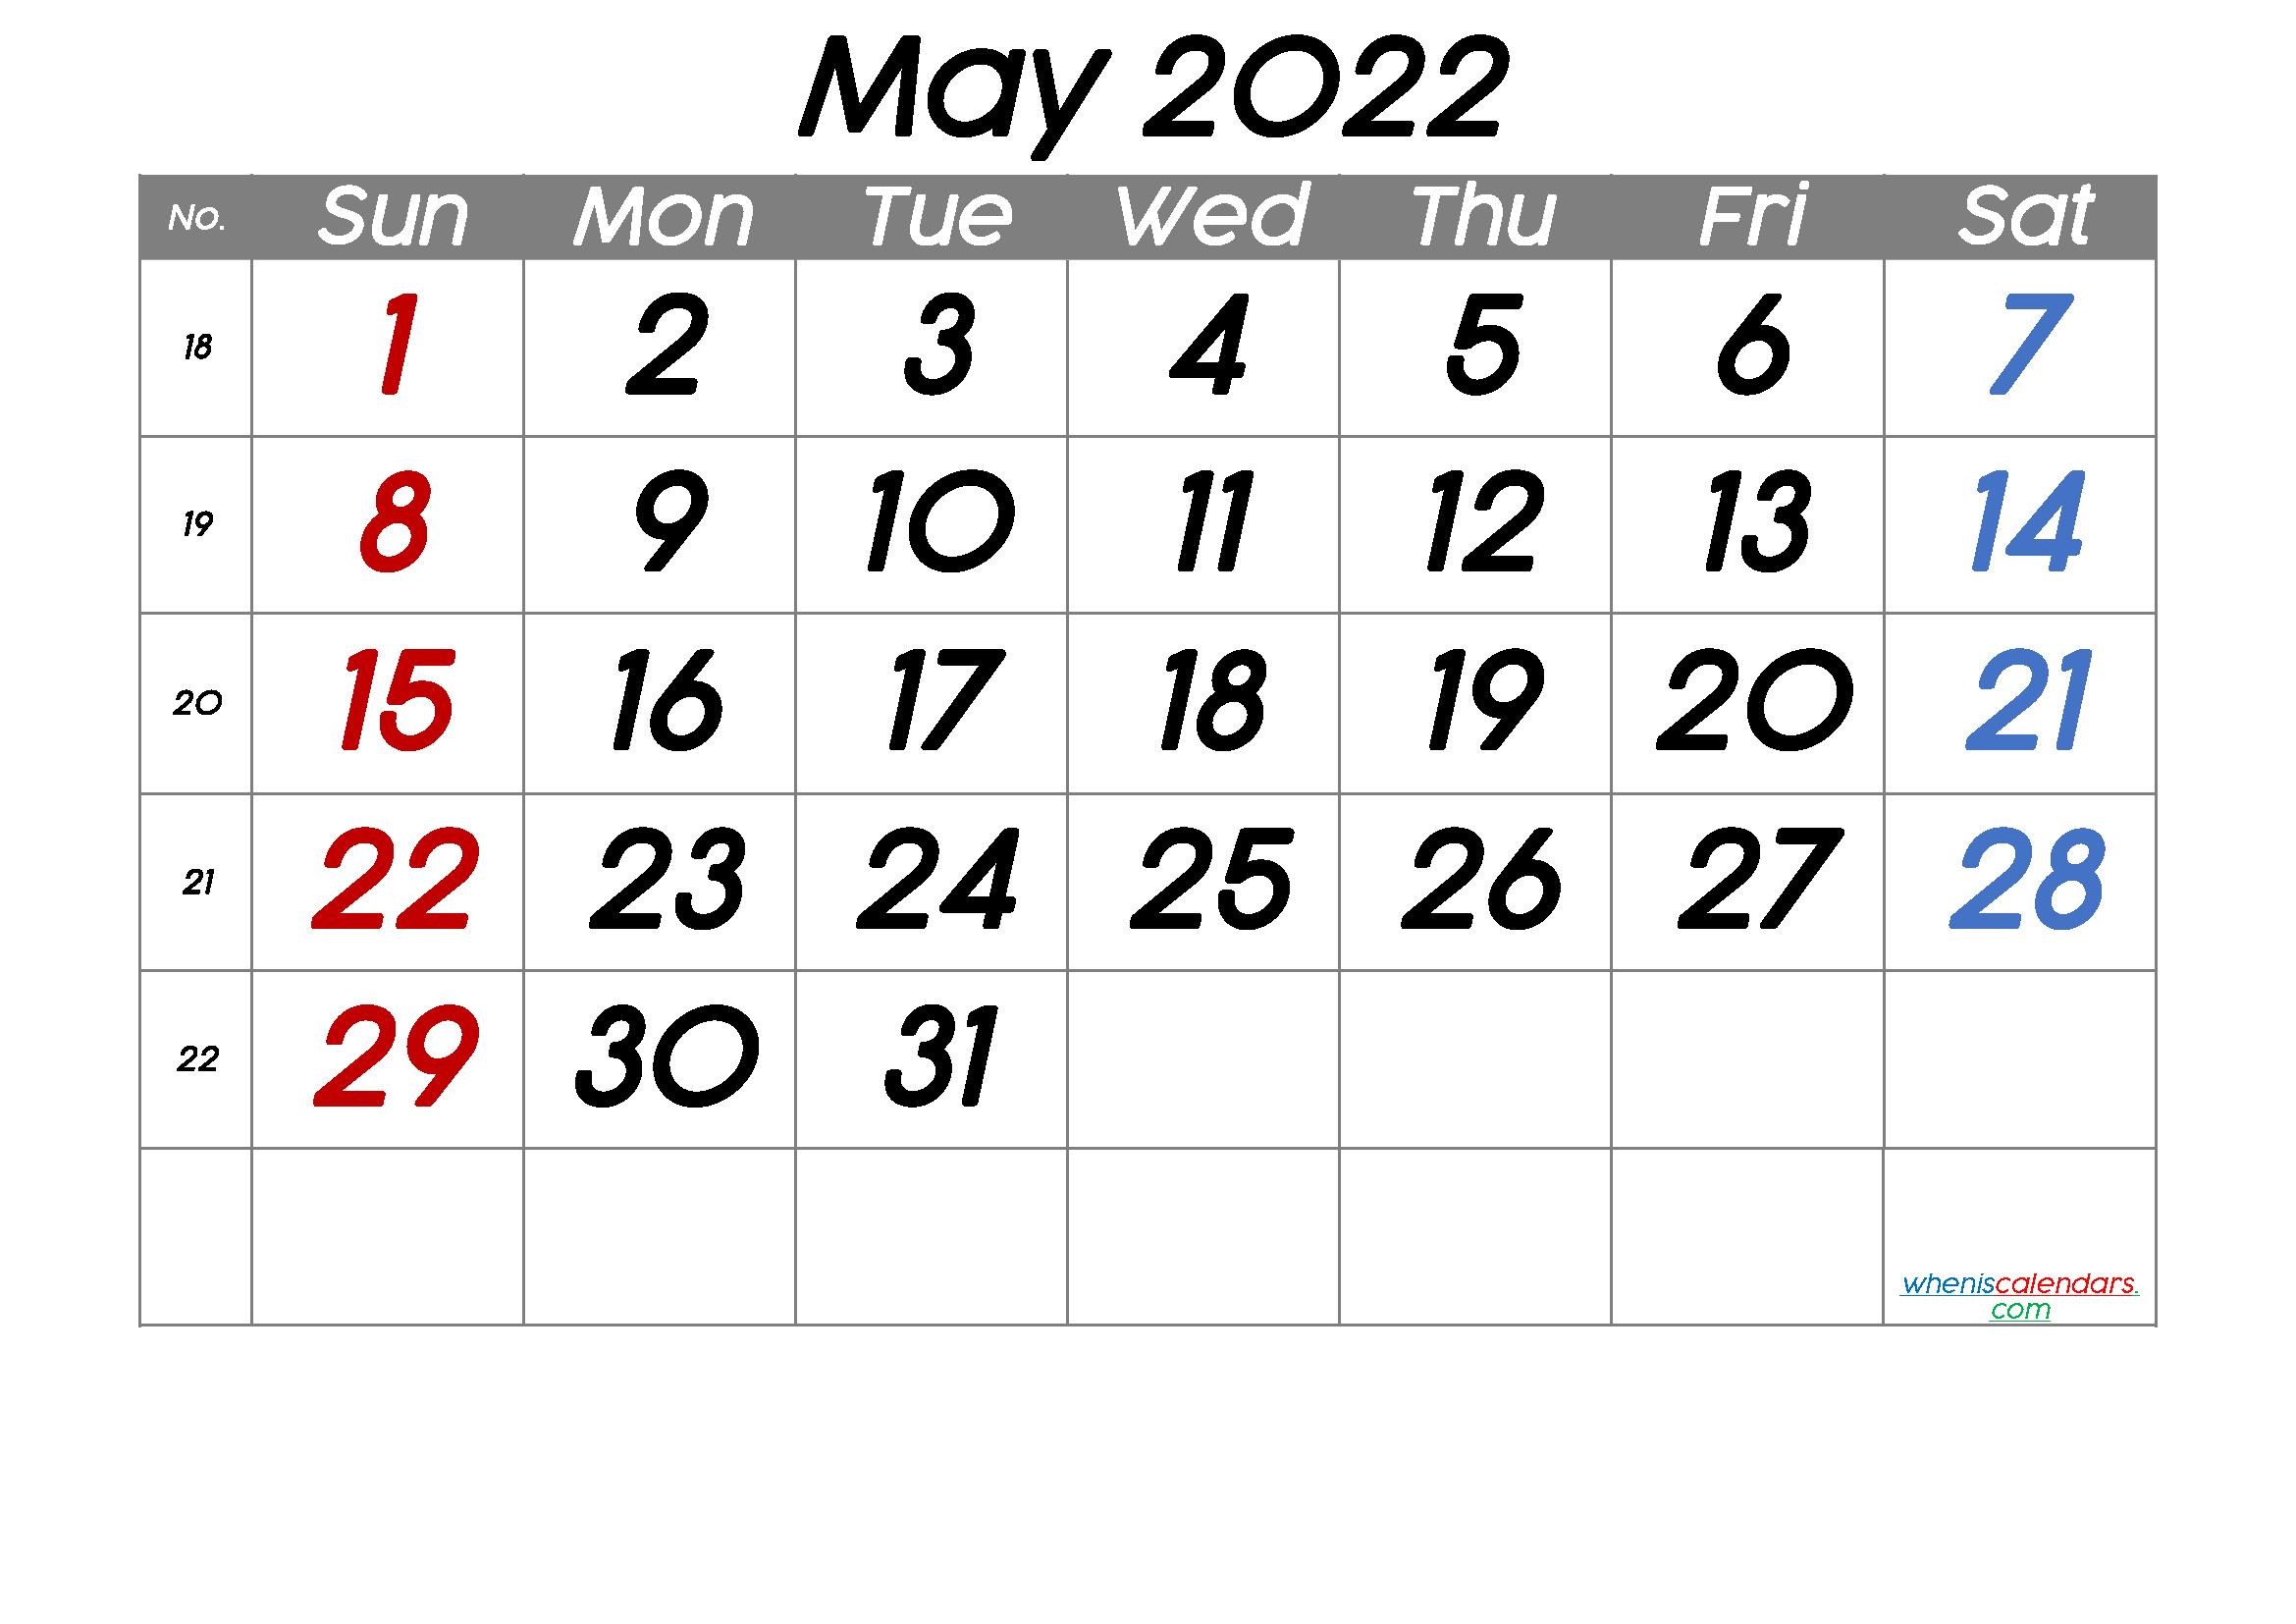 Printable May 2022 Calendar With Week Numbers - Free with regard to Printable Mayl 2022 Calendar Image